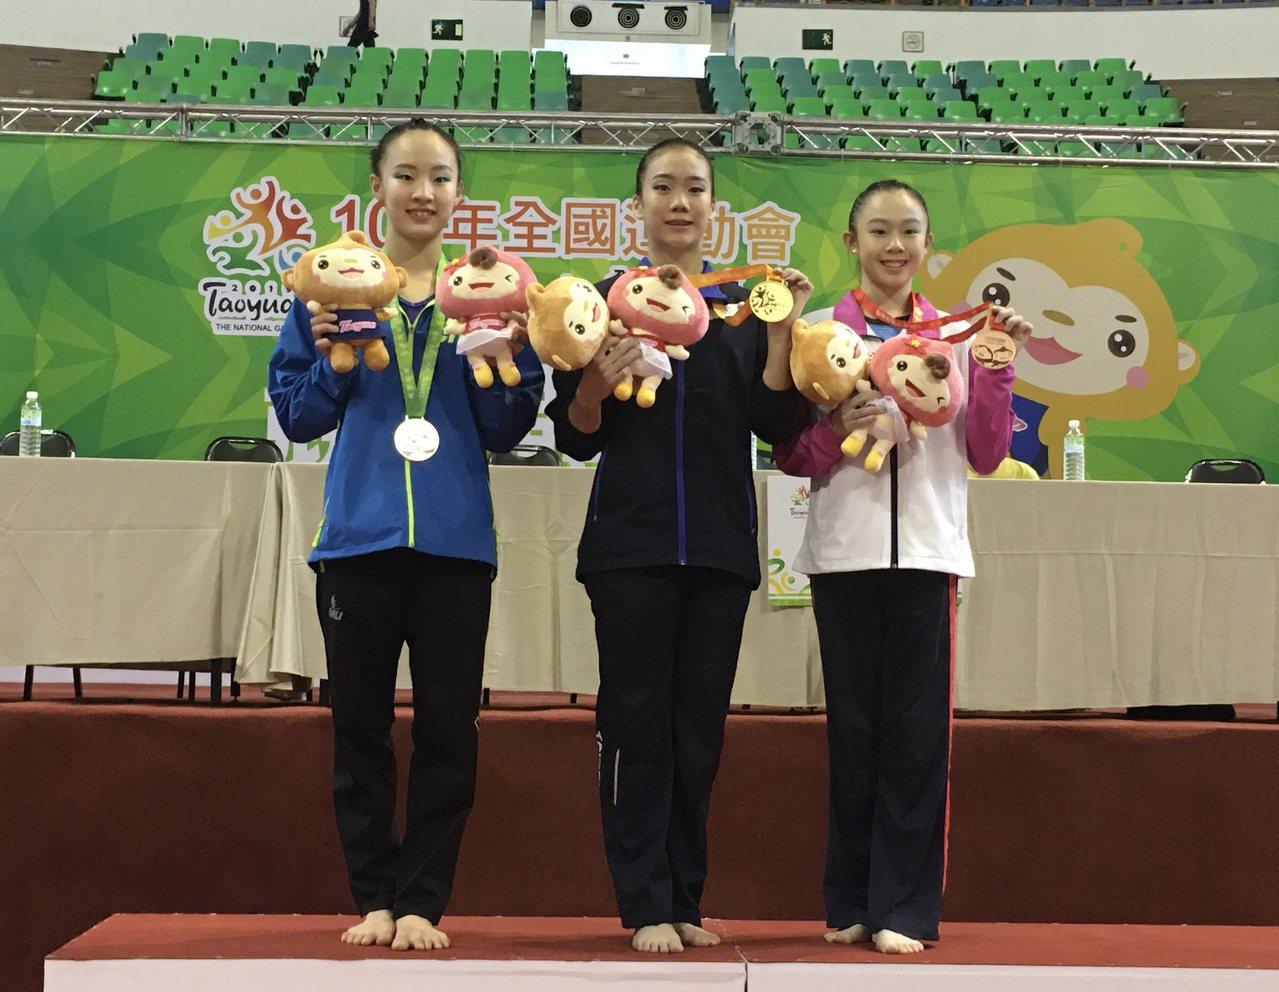 方可晴(中)奪得108全運會競技體操女子全能金牌,丁華恬(左)摘銀、黃子星鍍銅。...